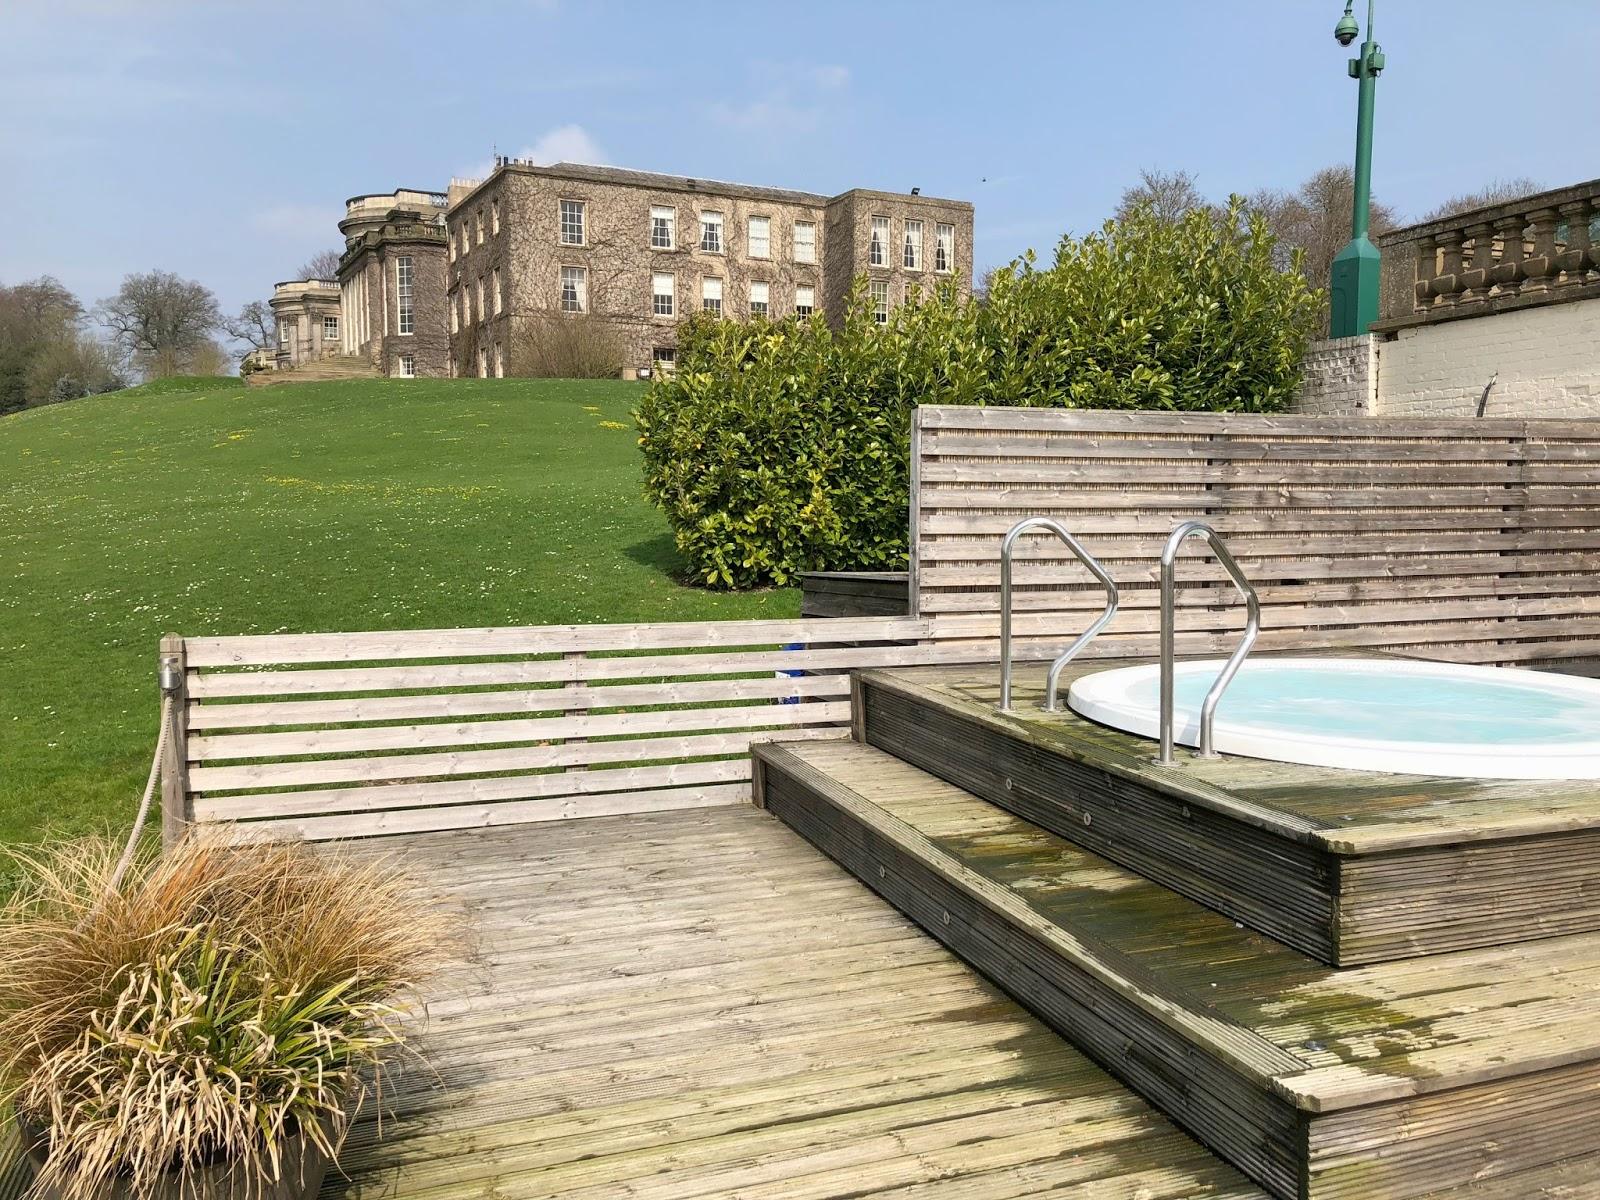 Wynyard Hall Spa - Hot Tub